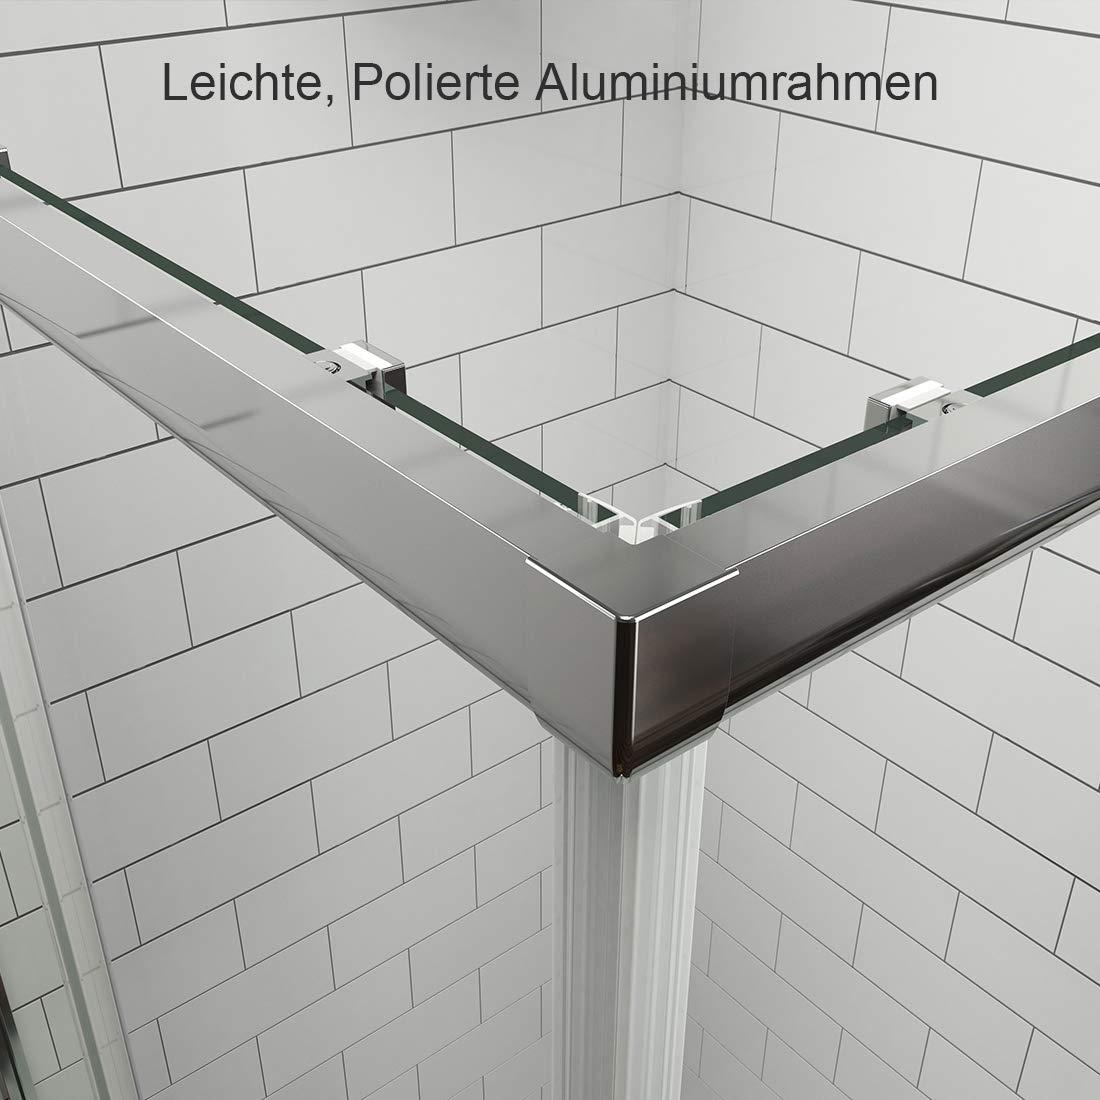 Duschkabine 70x70x185cm Eckeinstieg Duschabtrennung 6mm ESG Glas Schiebet/ür Duscht/ür